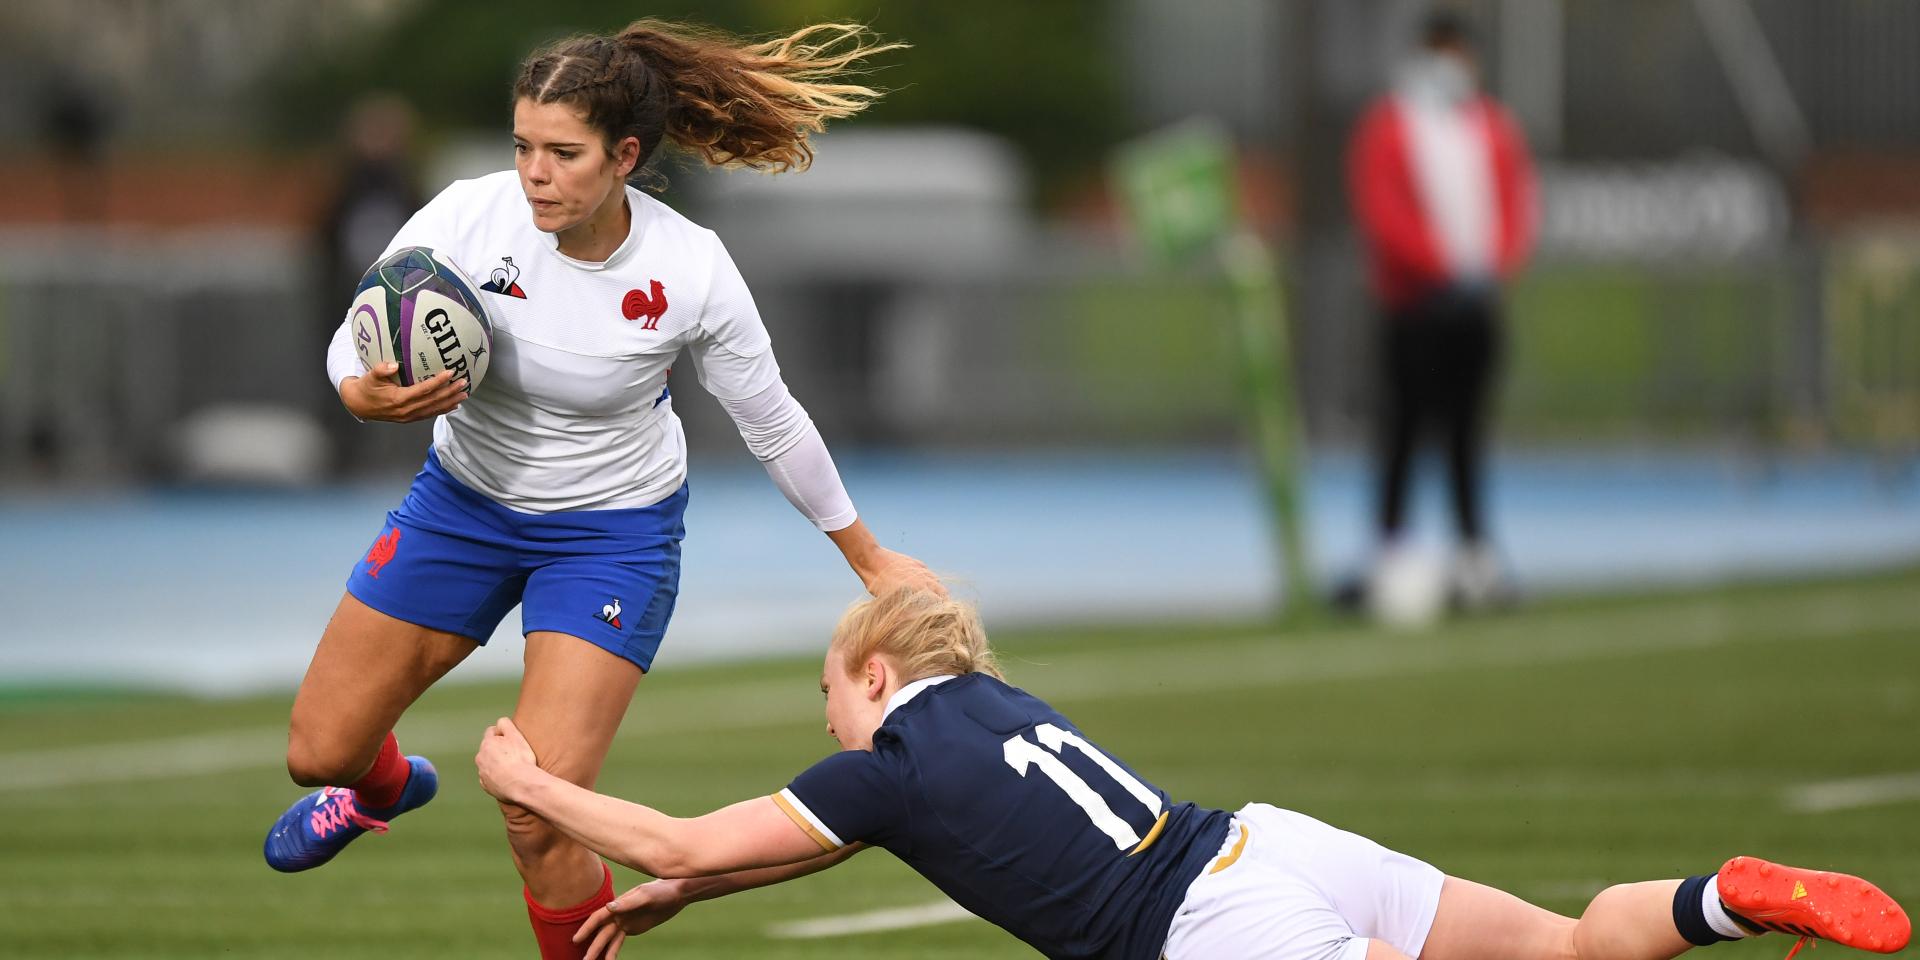 Effectifs, formation, salaires : pourquoi le rugby féminin a le vent en poupe